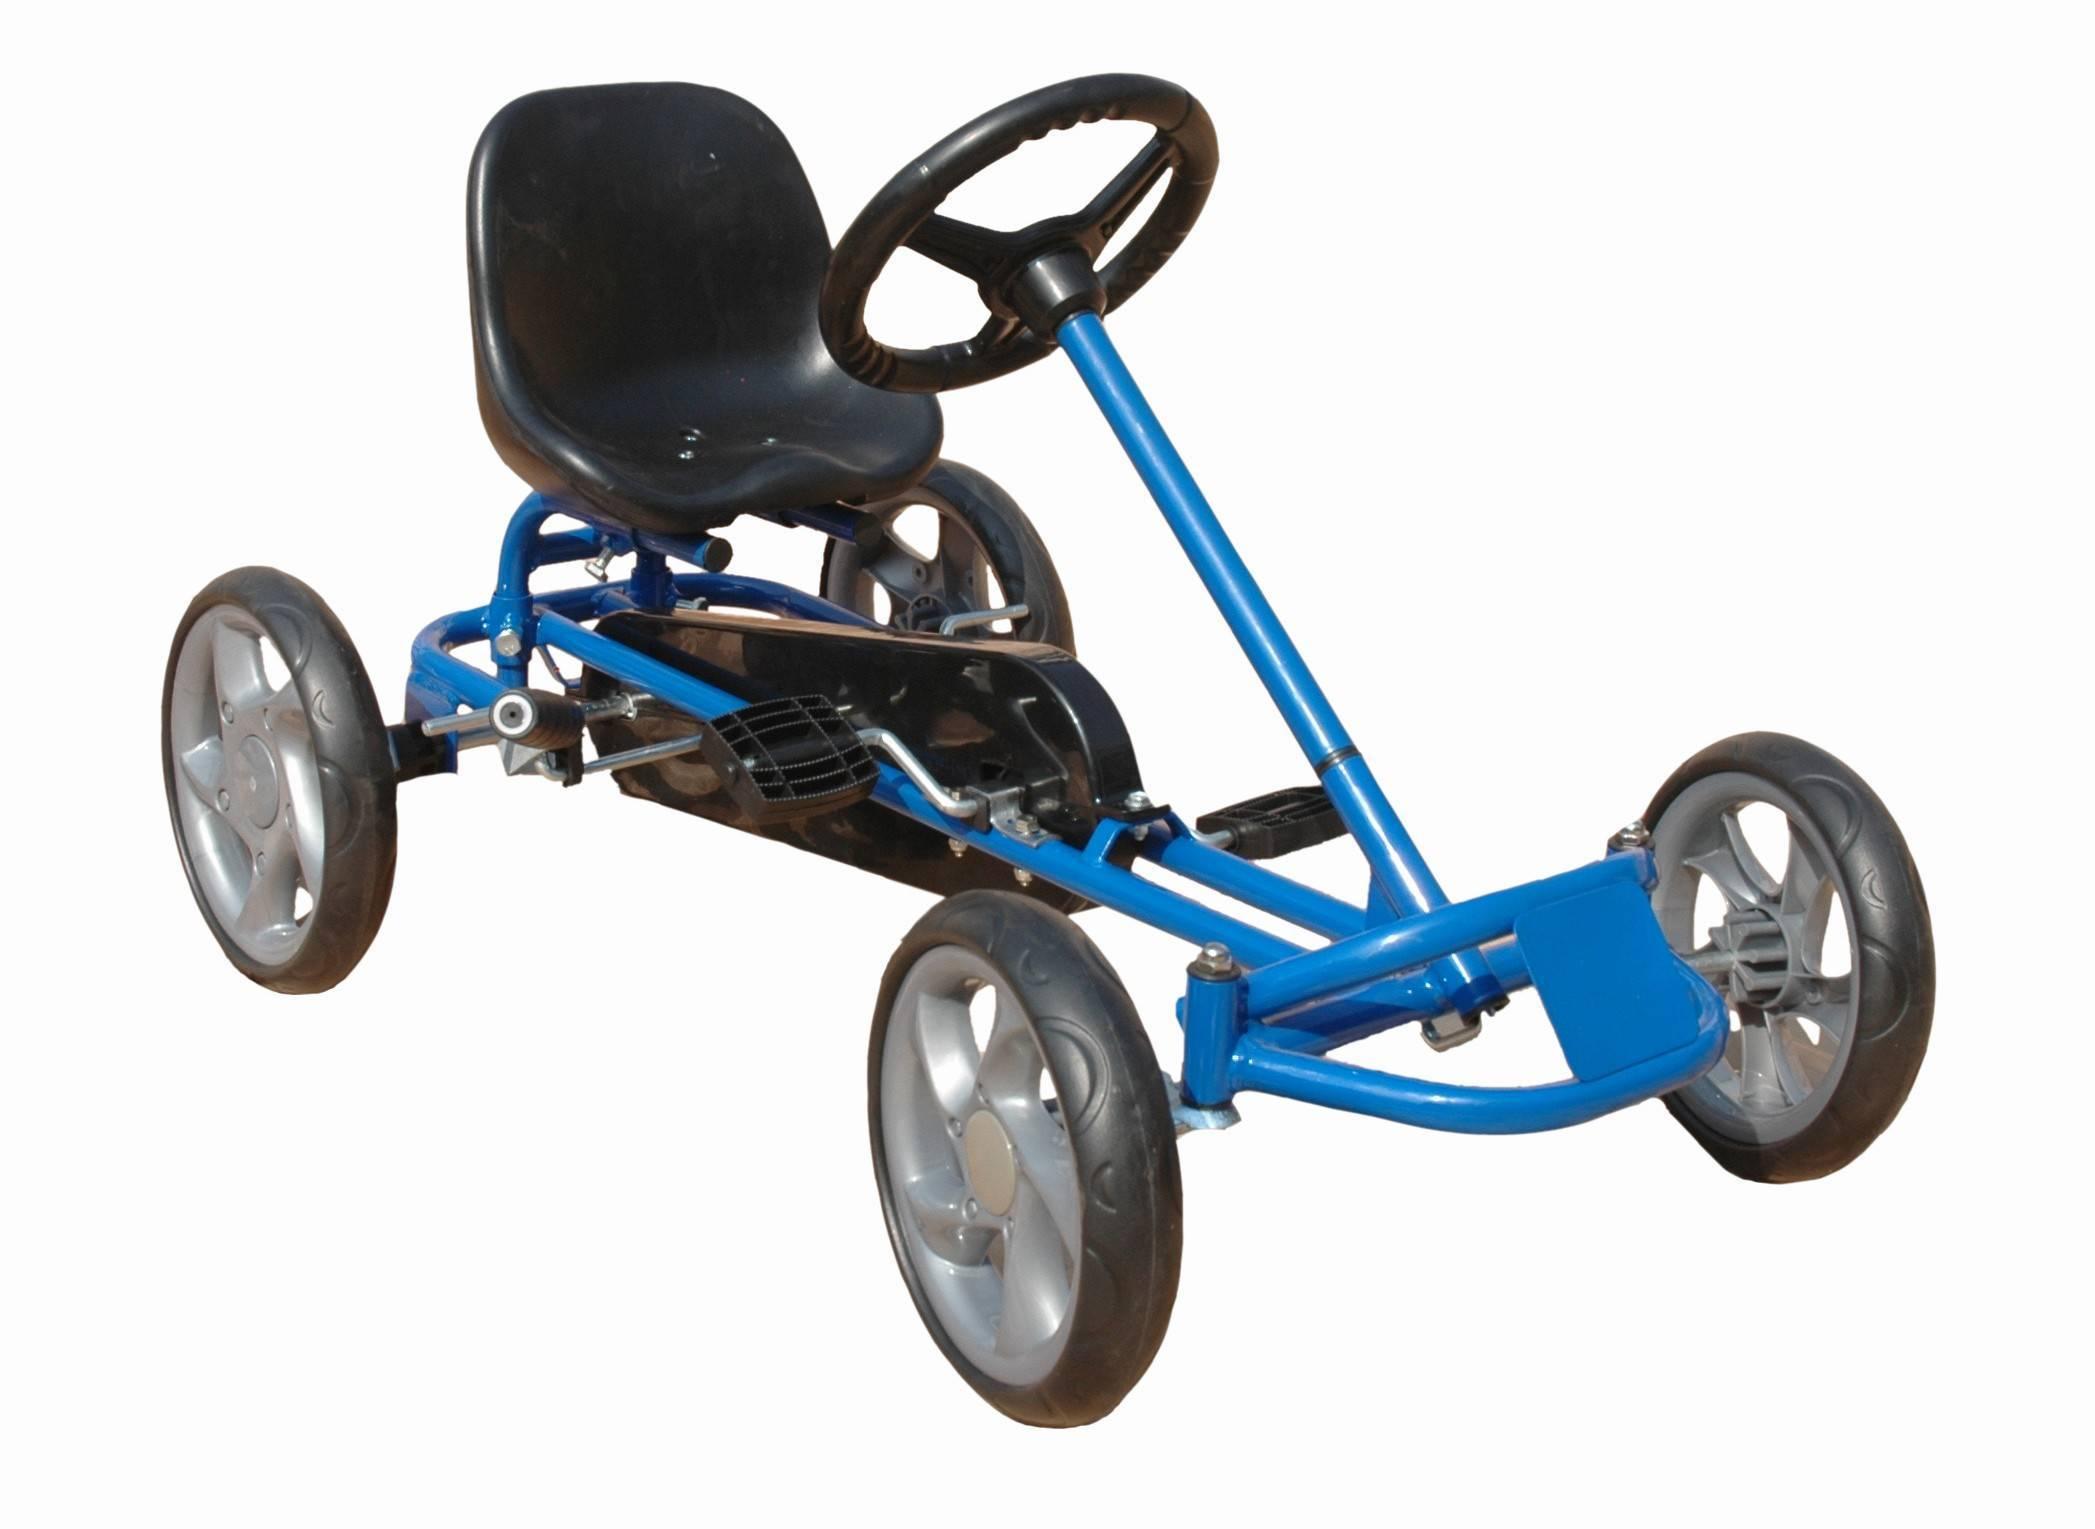 sell pedal go kart toy sandbeach go karts f90 b manufacturer supplier exporter. Black Bedroom Furniture Sets. Home Design Ideas